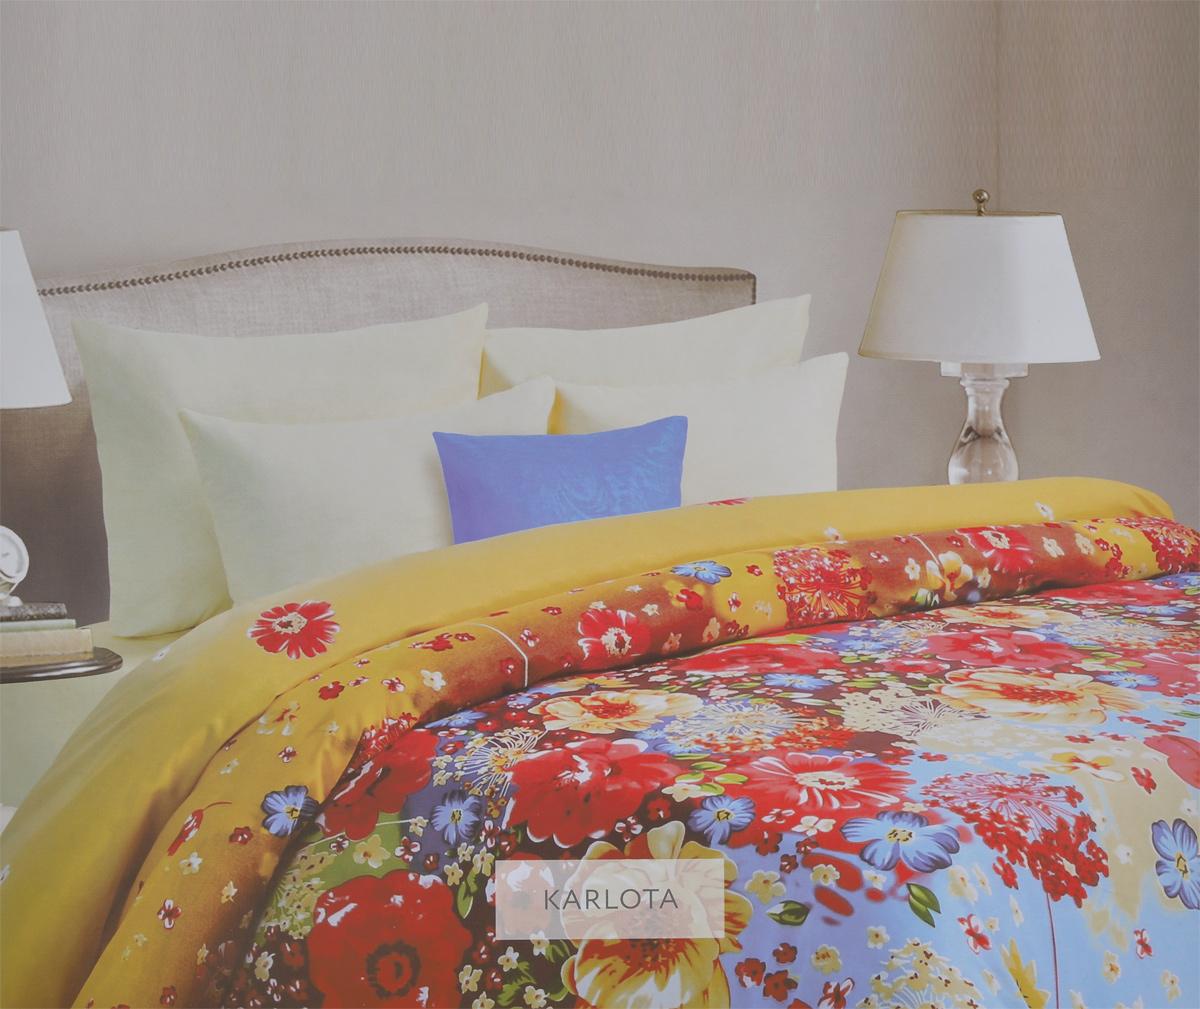 Комплект белья Mona Liza Karlota, 1,5-спальный, наволочки 50х70. 561116/5391602Комплект белья Mona Liza Karlota, выполненный из батиста (100% хлопок), состоит из пододеяльника, простыни и двух наволочек. Изделия оформлены ярким цветочным рисунком. Батист - тонкая, легкая натуральная ткань полотняного переплетения. Батист, несомненно, является одной из самых аристократичных и совершенных тканей. Он отличается нежностью, трепетной утонченностью и изысканностью. Ткань с незначительной сминаемостью, хорошо сохраняющая цвет при стирке, легкая, с прекрасными гигиеническими показателями. Рекомендации по уходу: - Ручная и машинная стирка 40°С, - Гладить при температуре не более 150°С, - Не использовать хлорсодержащие средства, - Щадящая сушка, - Не подвергать химчистке.